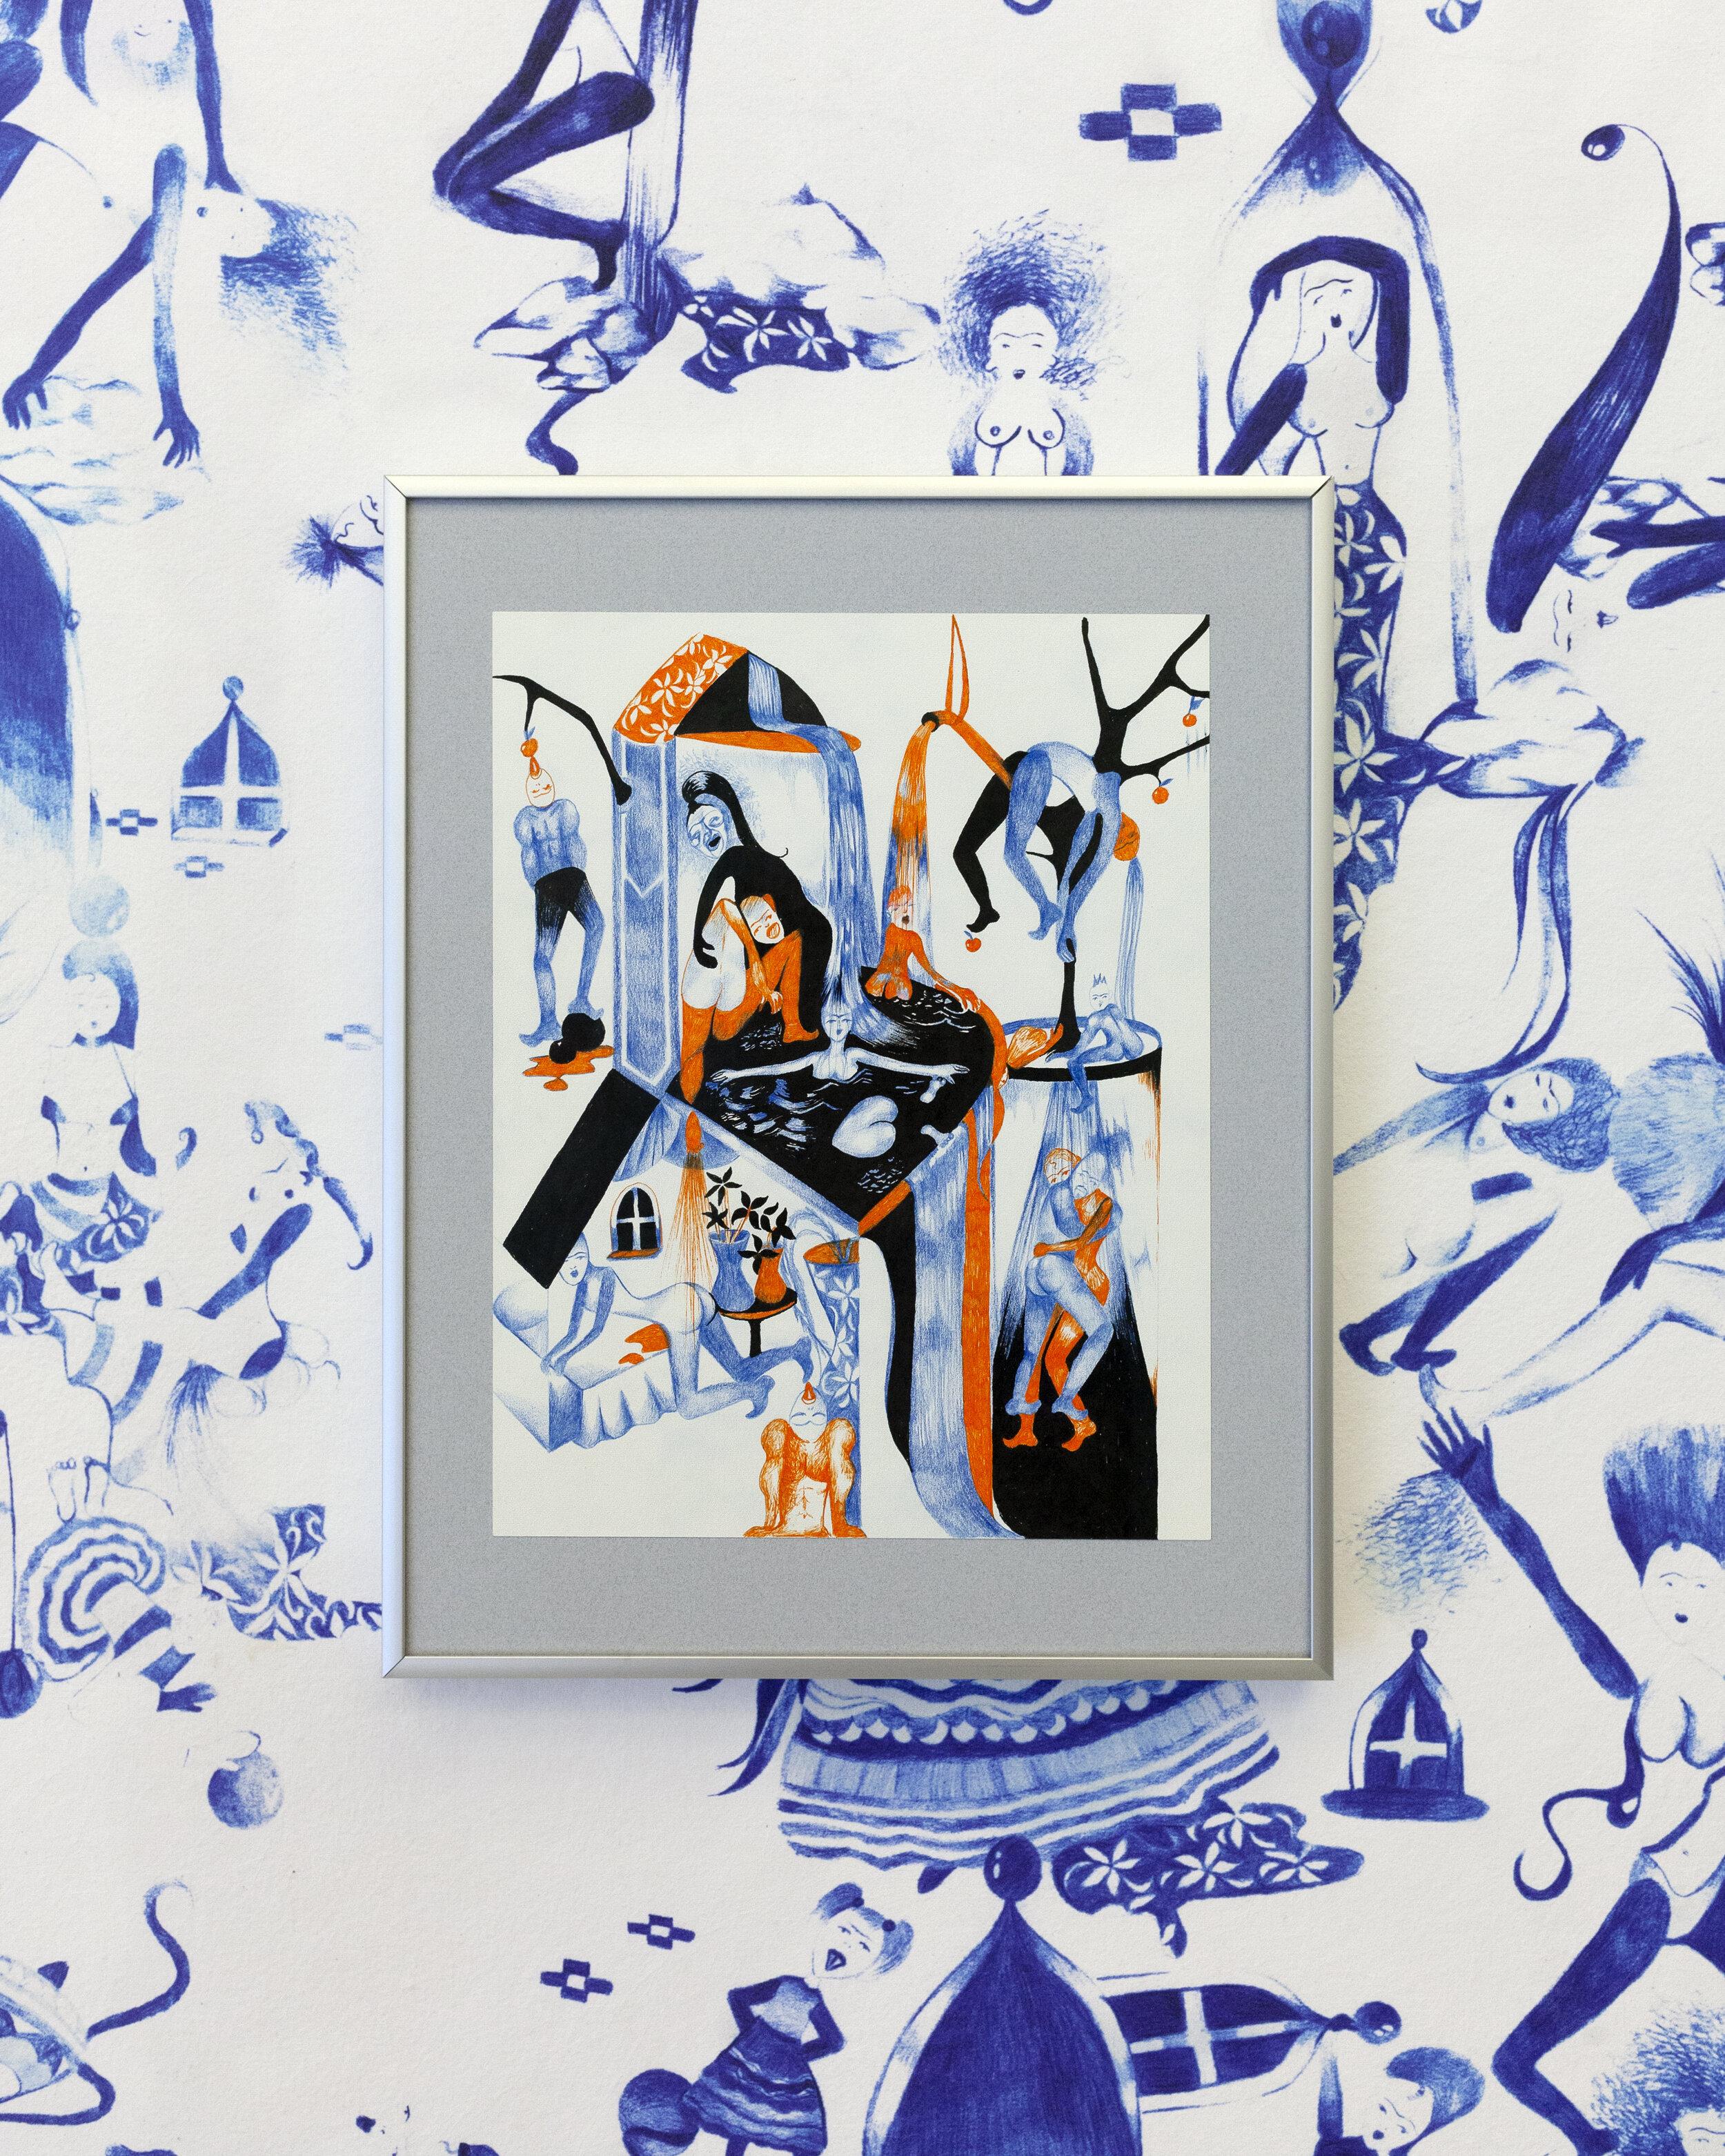 Sadaf drawing 6 - wallpaper copy.jpg